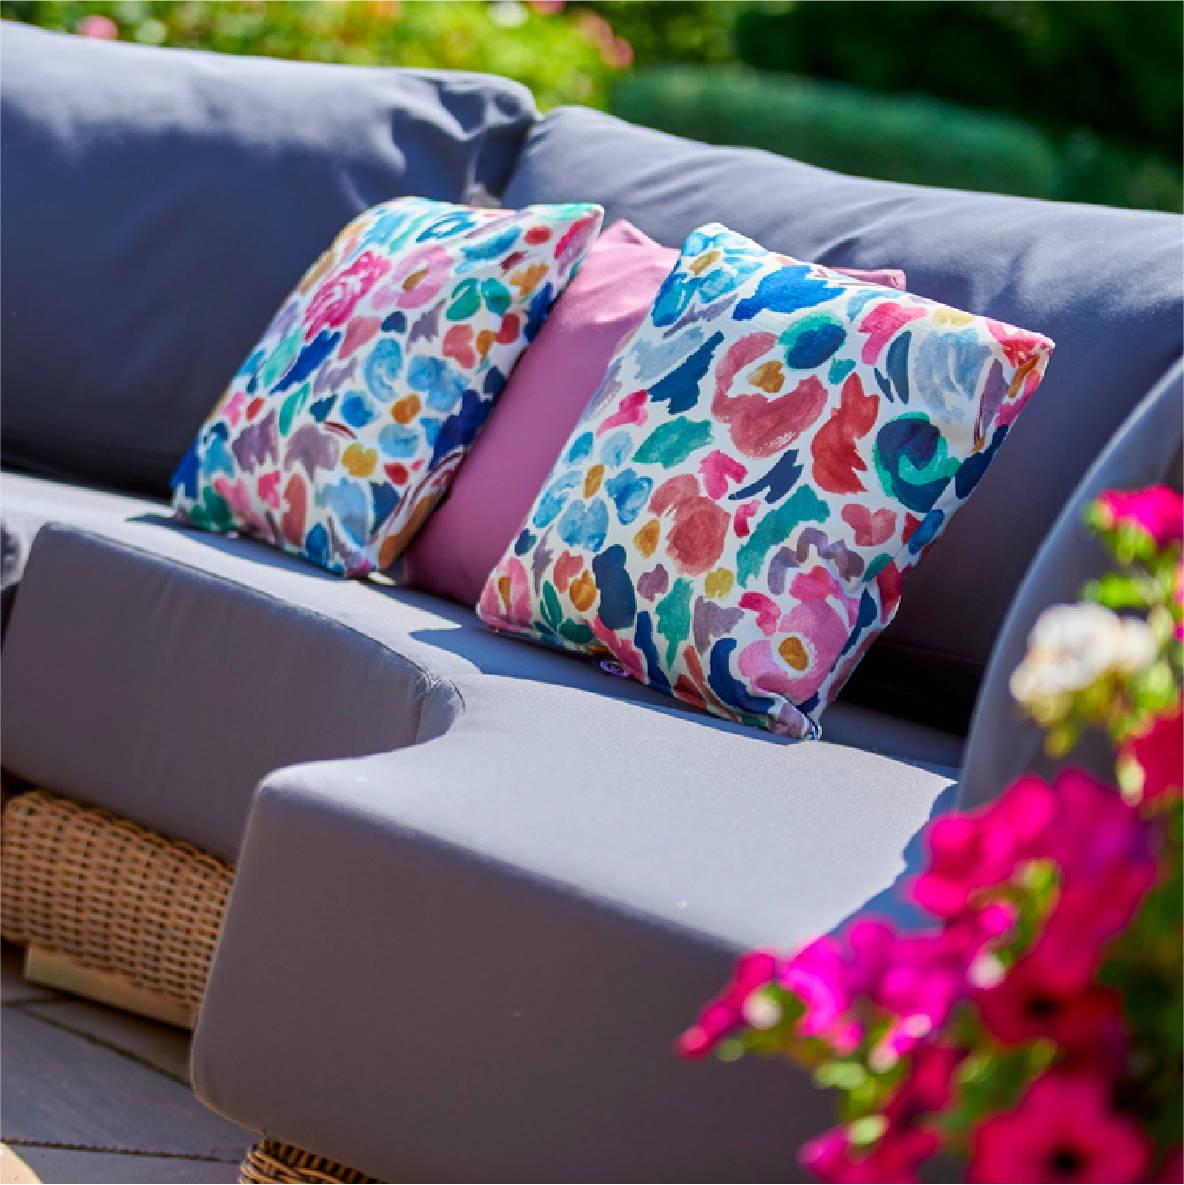 Waterproof Cushions For Outdoor Garden, Waterproof Garden Bench Pads Uk